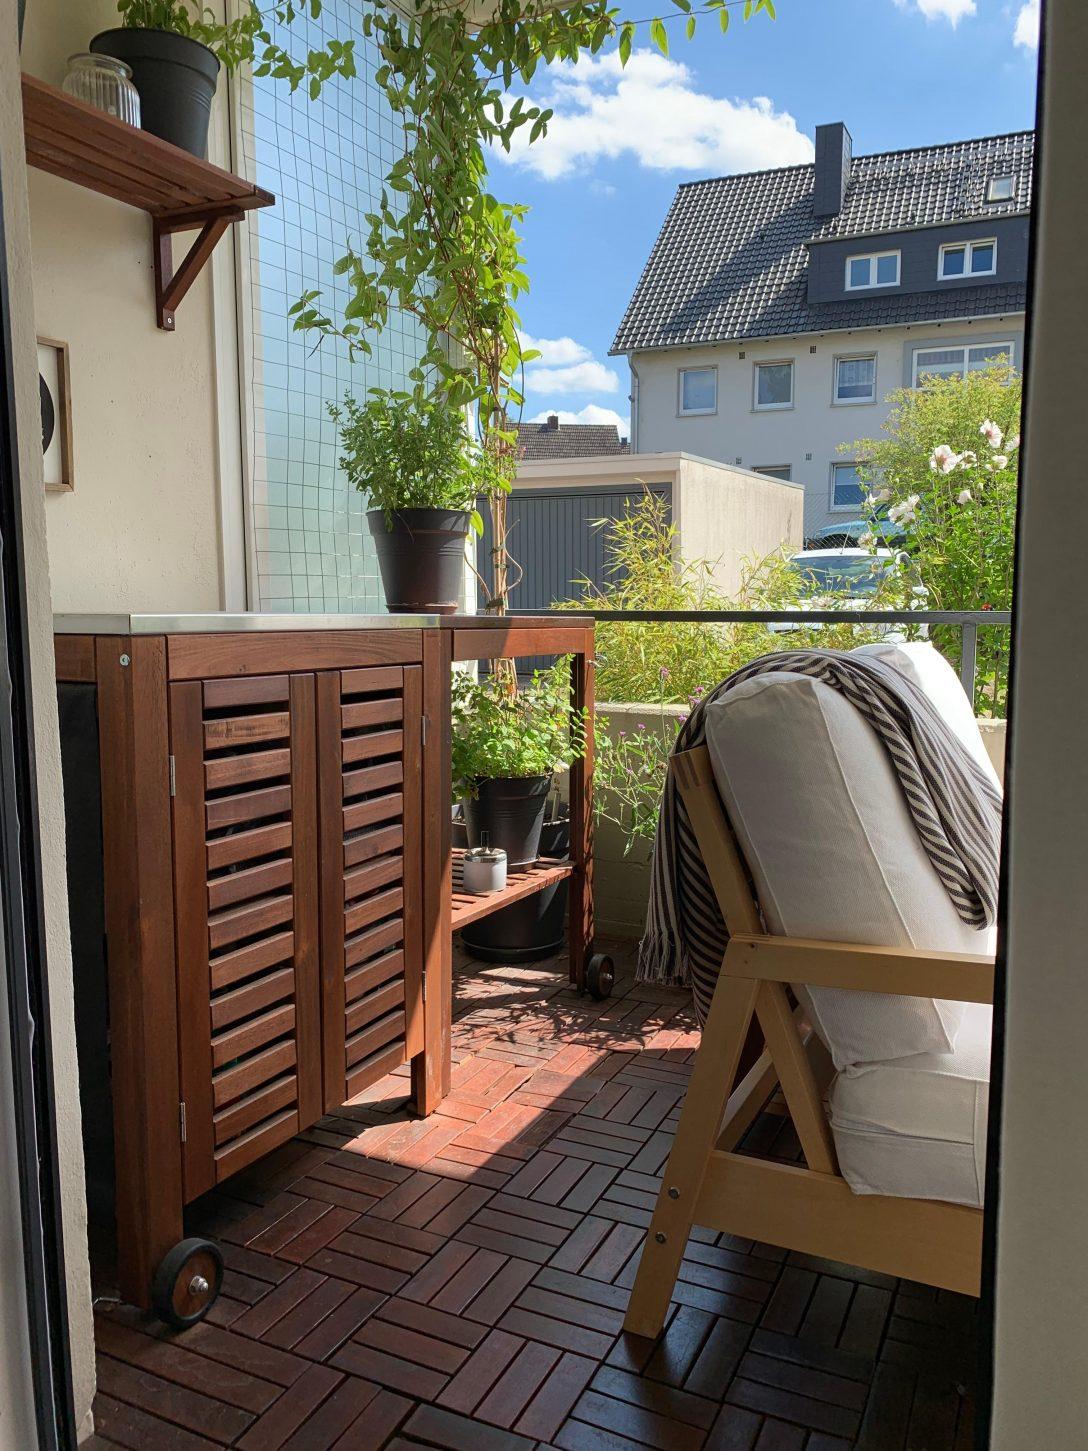 Large Size of Outdoor Kche Bilder Ideen Couch Massivholzküche Sitzbank Küche Vorhang Arbeitsplatte L Mit Kochinsel Vorratsdosen Kaufen Ikea Küchen Regal Elektrogeräten Wohnzimmer Outdoor Küche Ikea